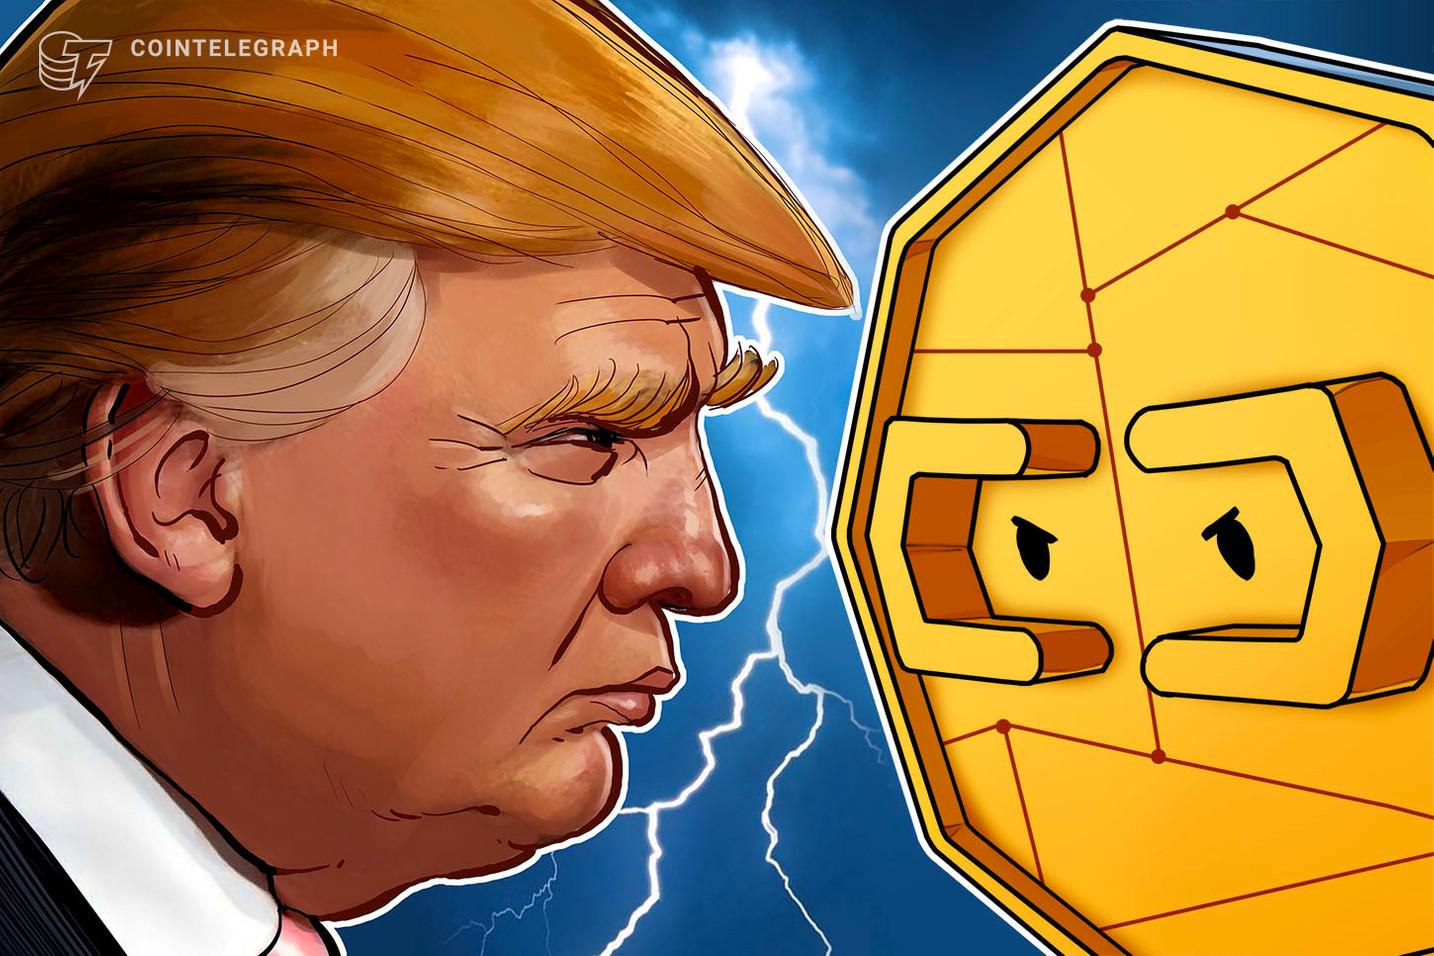 Los mercados de predicción de criptomonedas se vuelven contra Trump después del primer debate